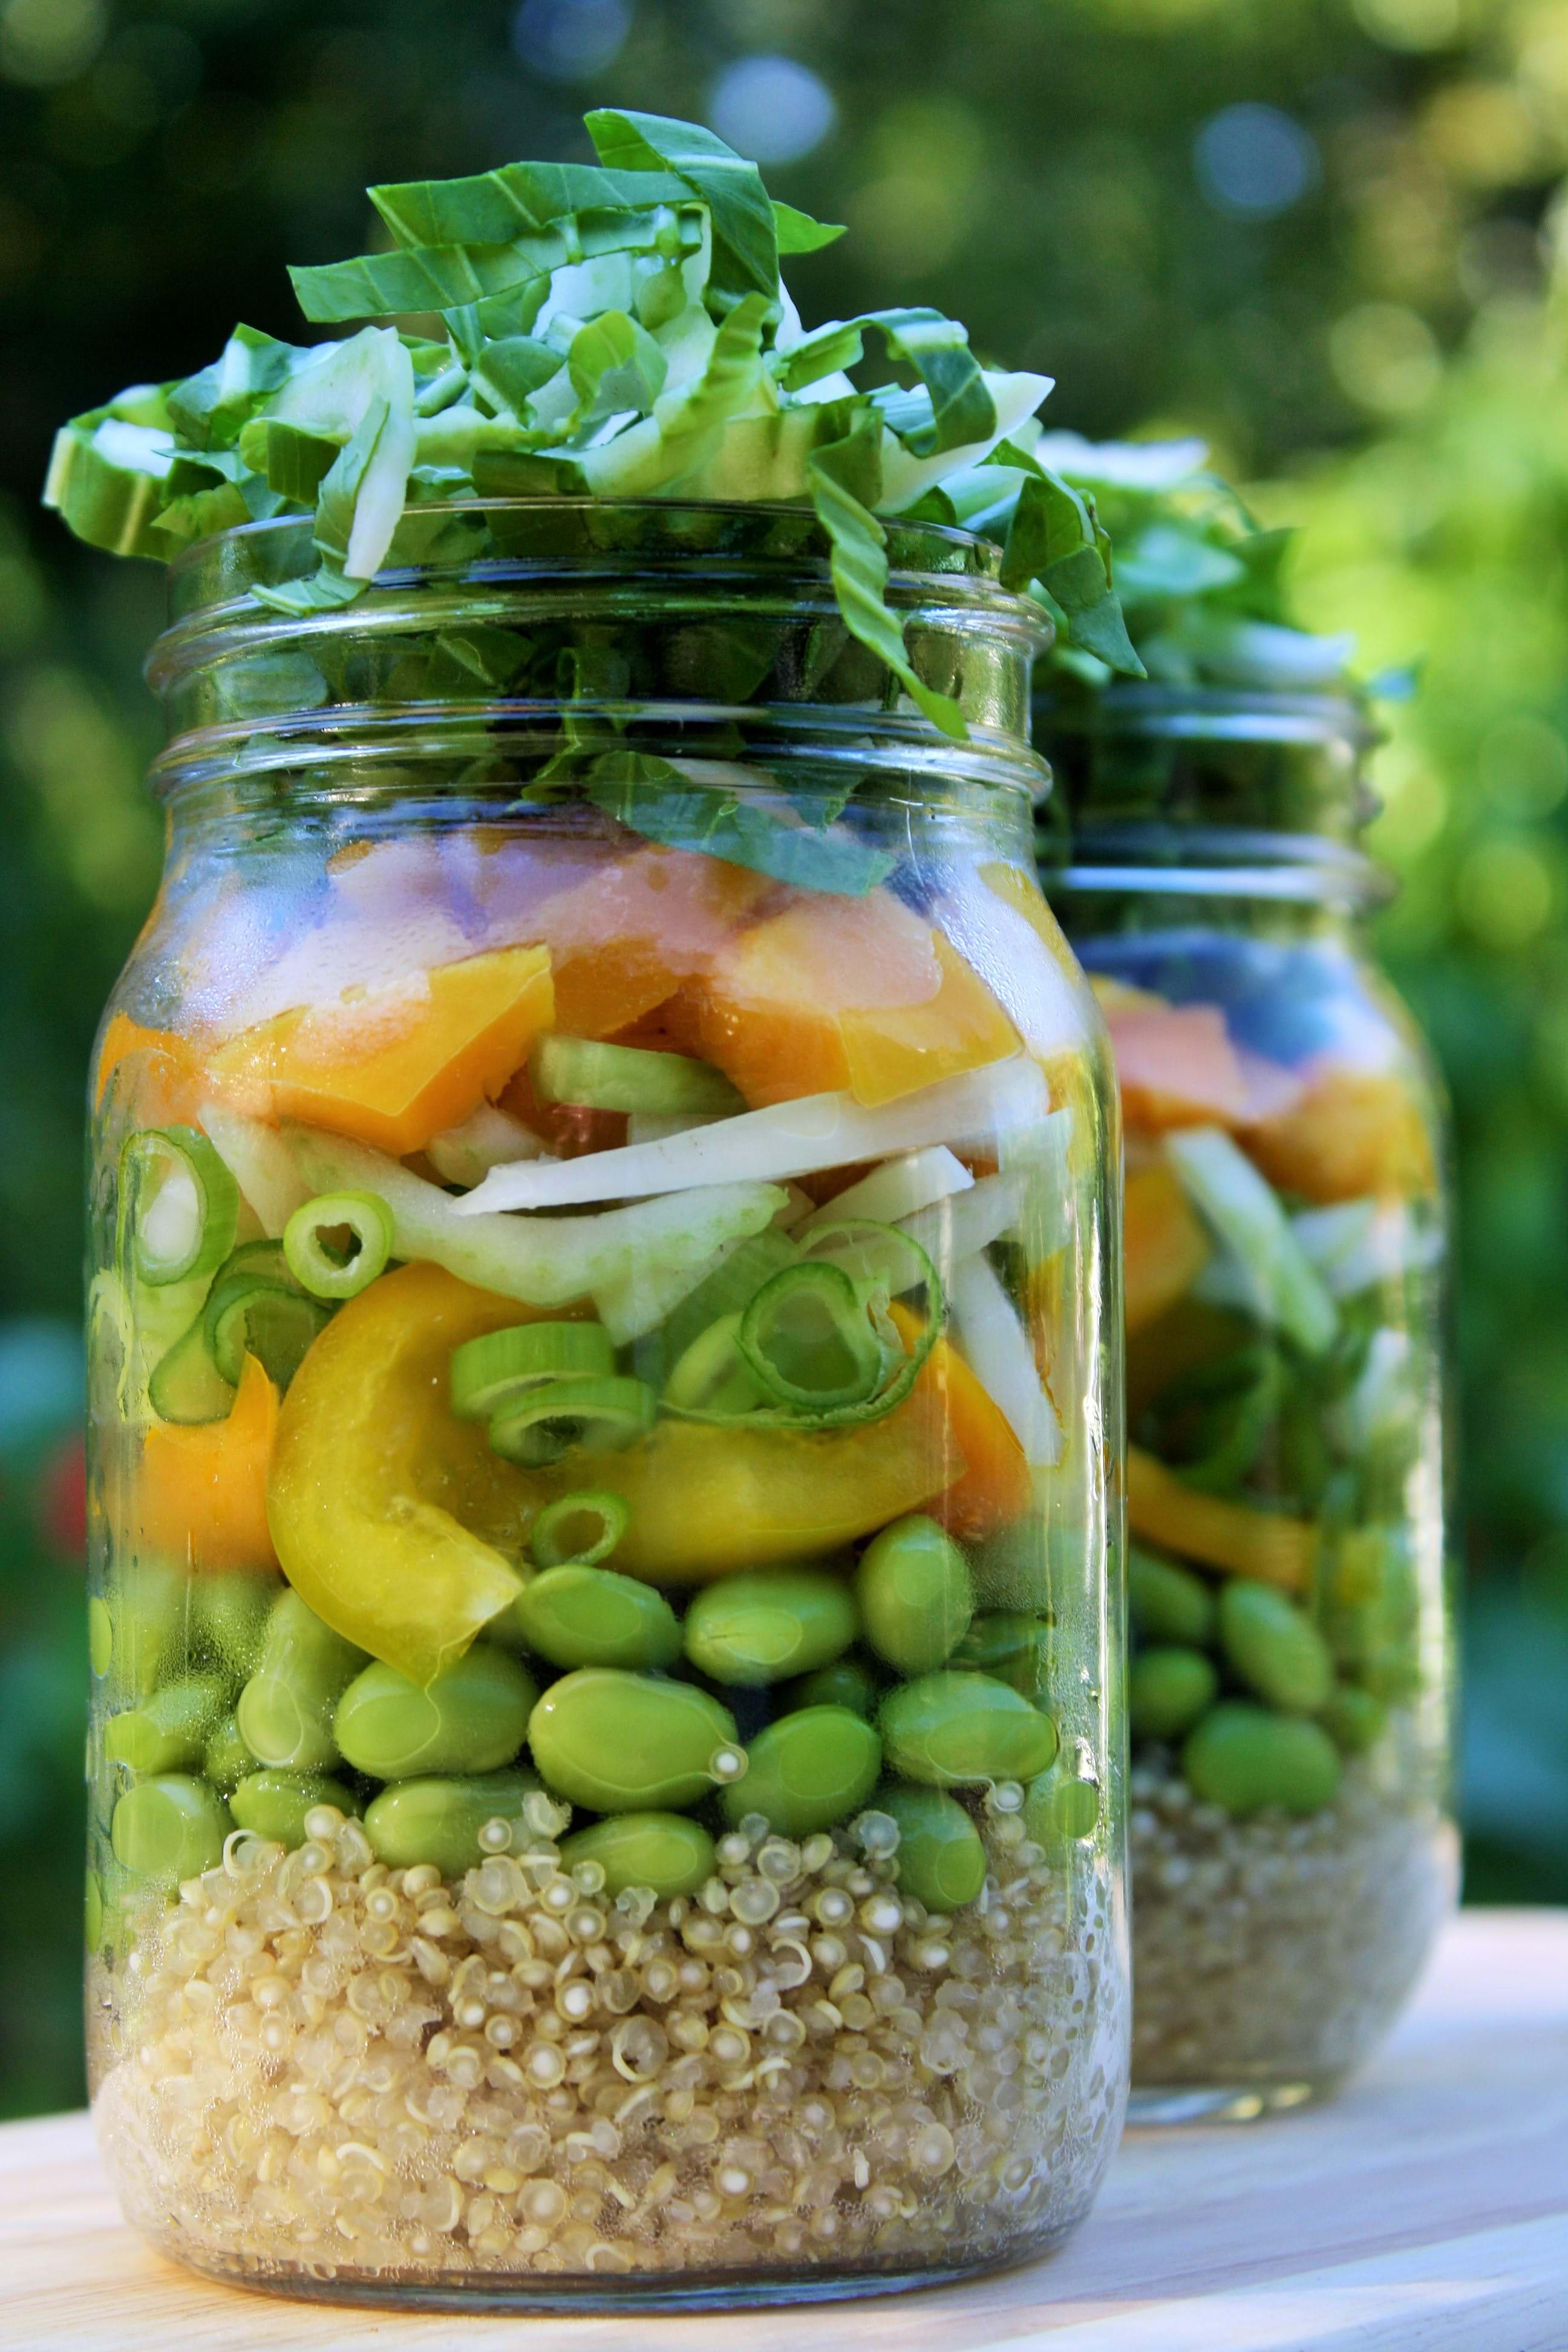 recettes sant nutrisimple salade de bok choy et edamame asiatique. Black Bedroom Furniture Sets. Home Design Ideas